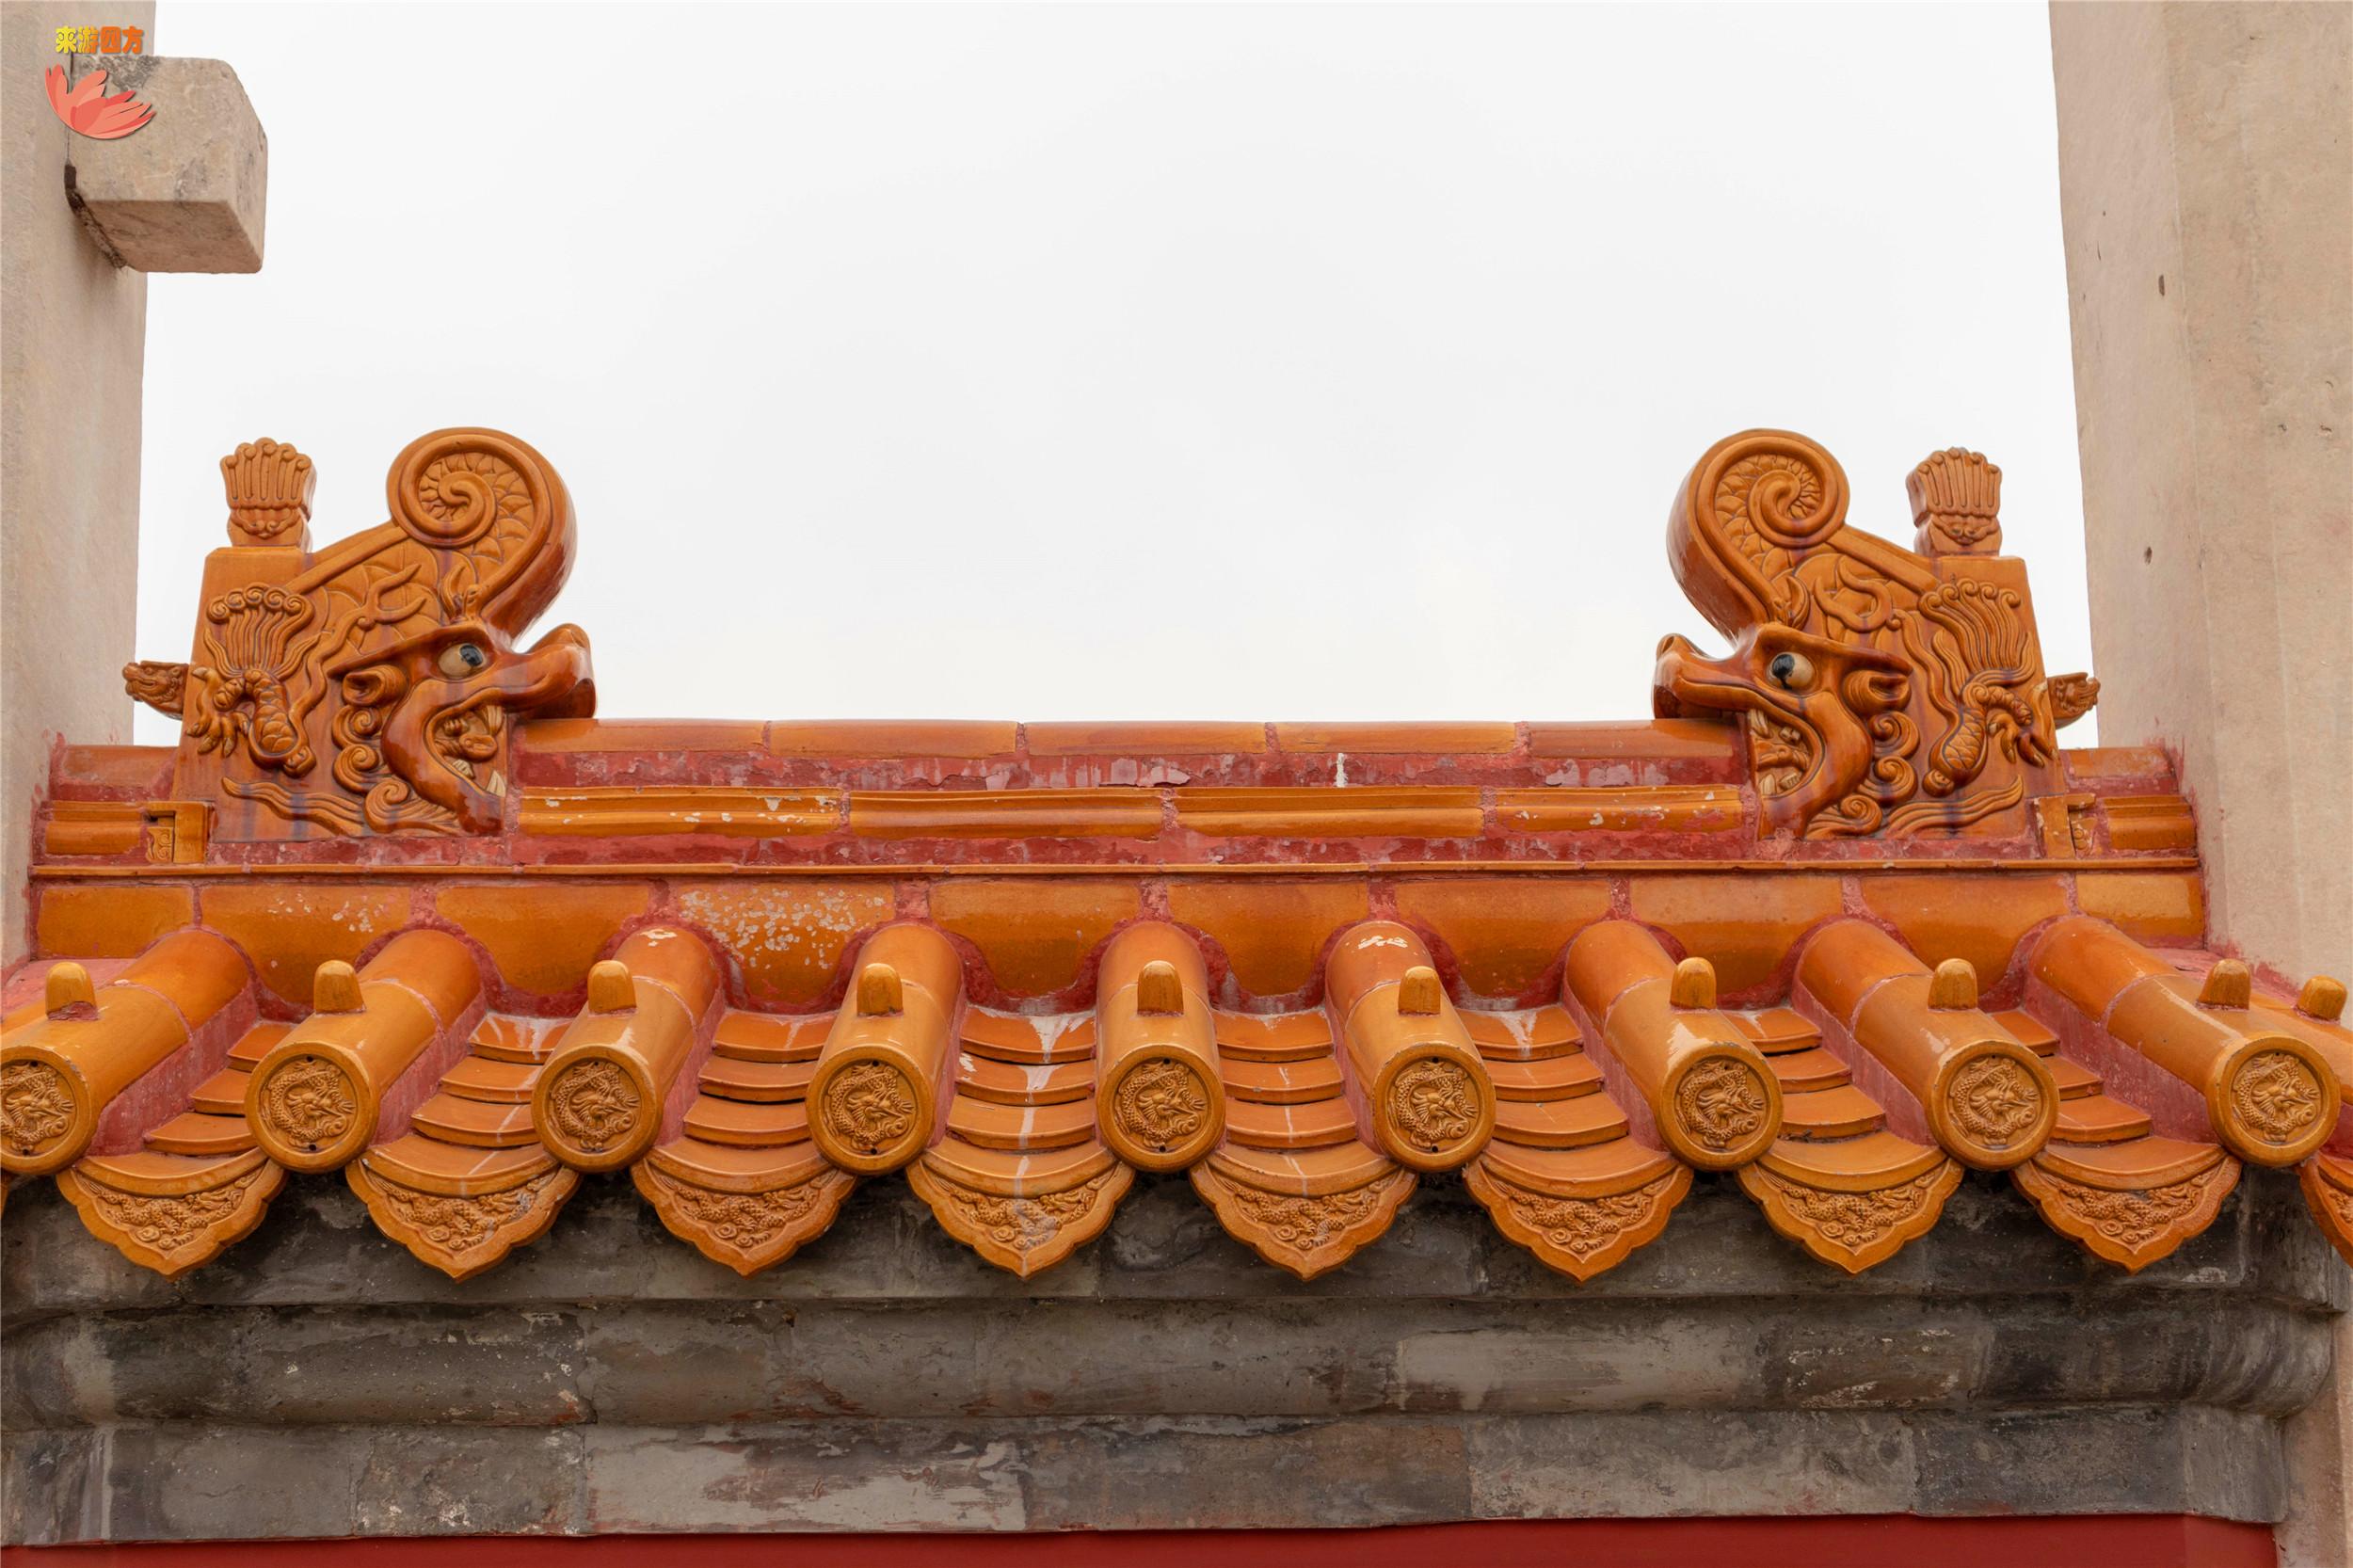 明清帝王祭祀社稷场所,中国现存的最大的祭地之坛,门票仅两元